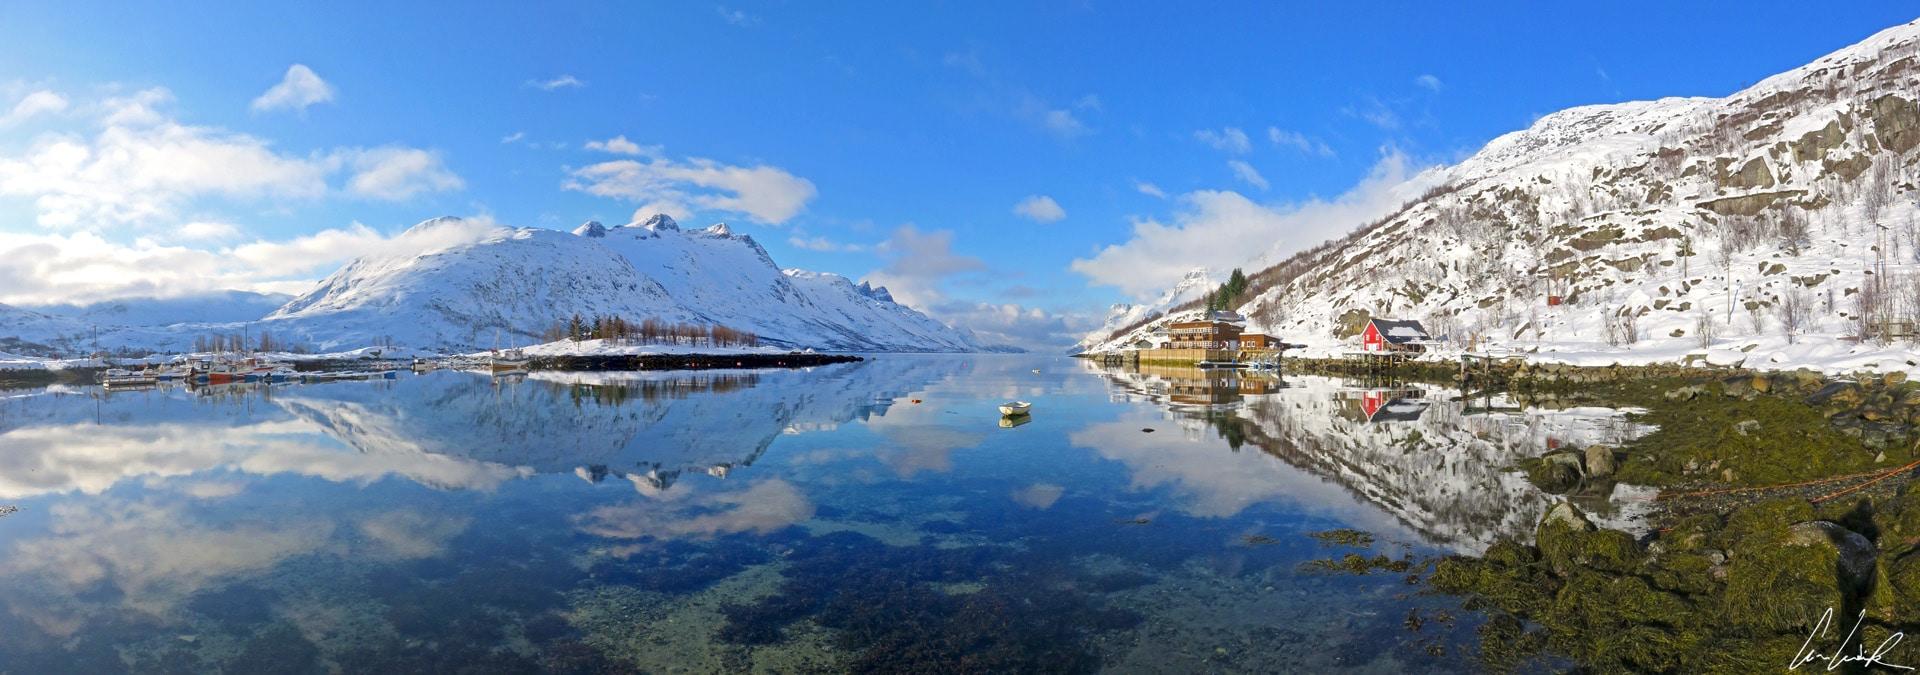 Une vue panoramique du paysage époustouflant de l'Ersfjord en Norvège. L'effet miroir sur l'eau est incroyable.